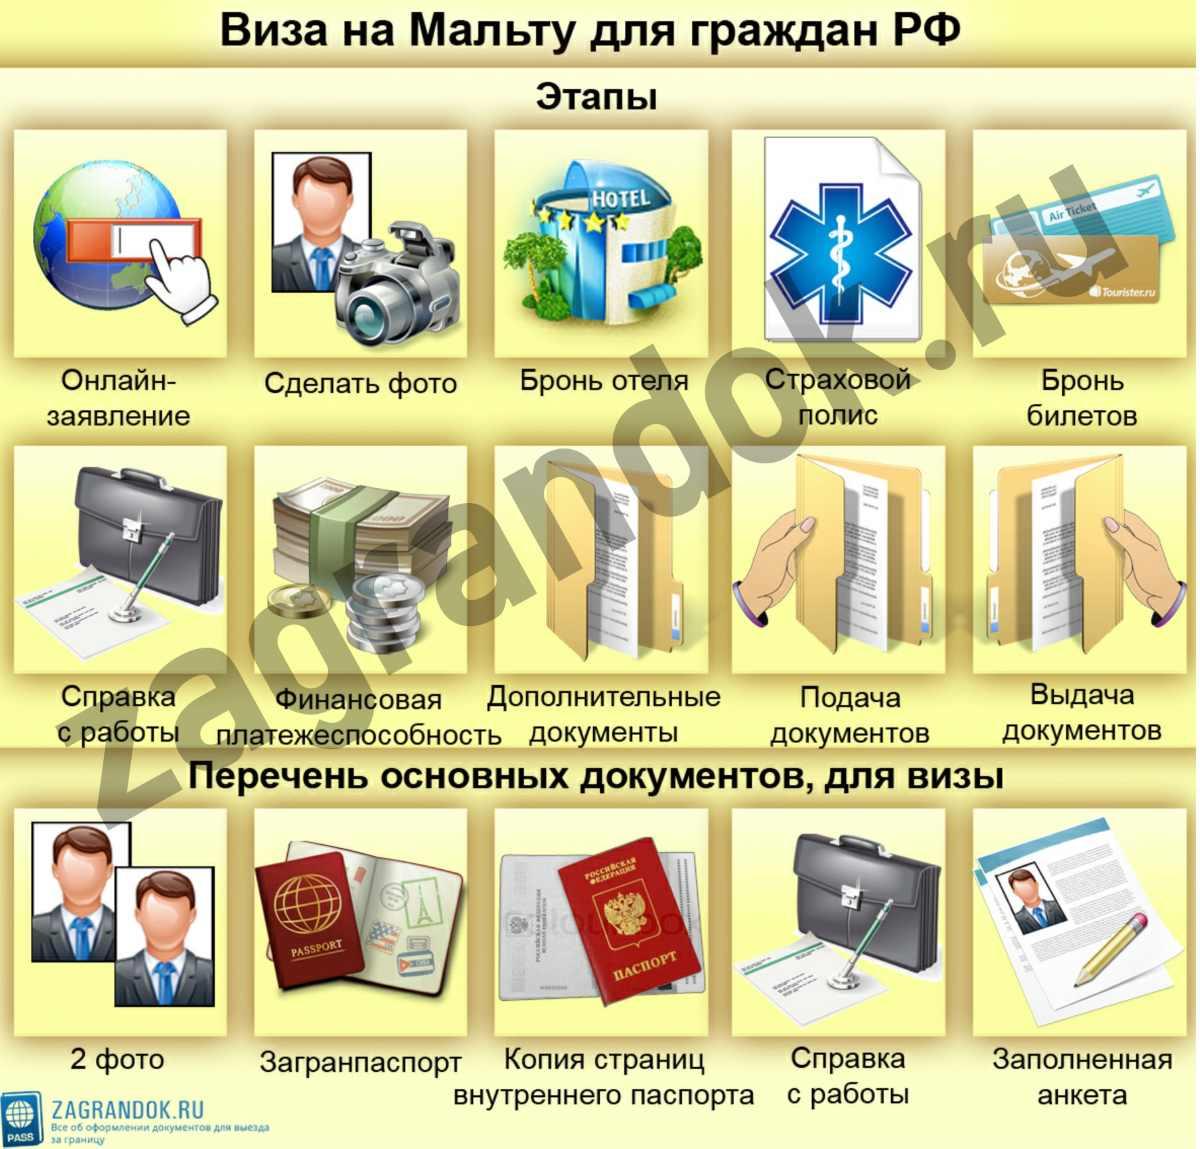 Виза на Мальту для граждан РФ